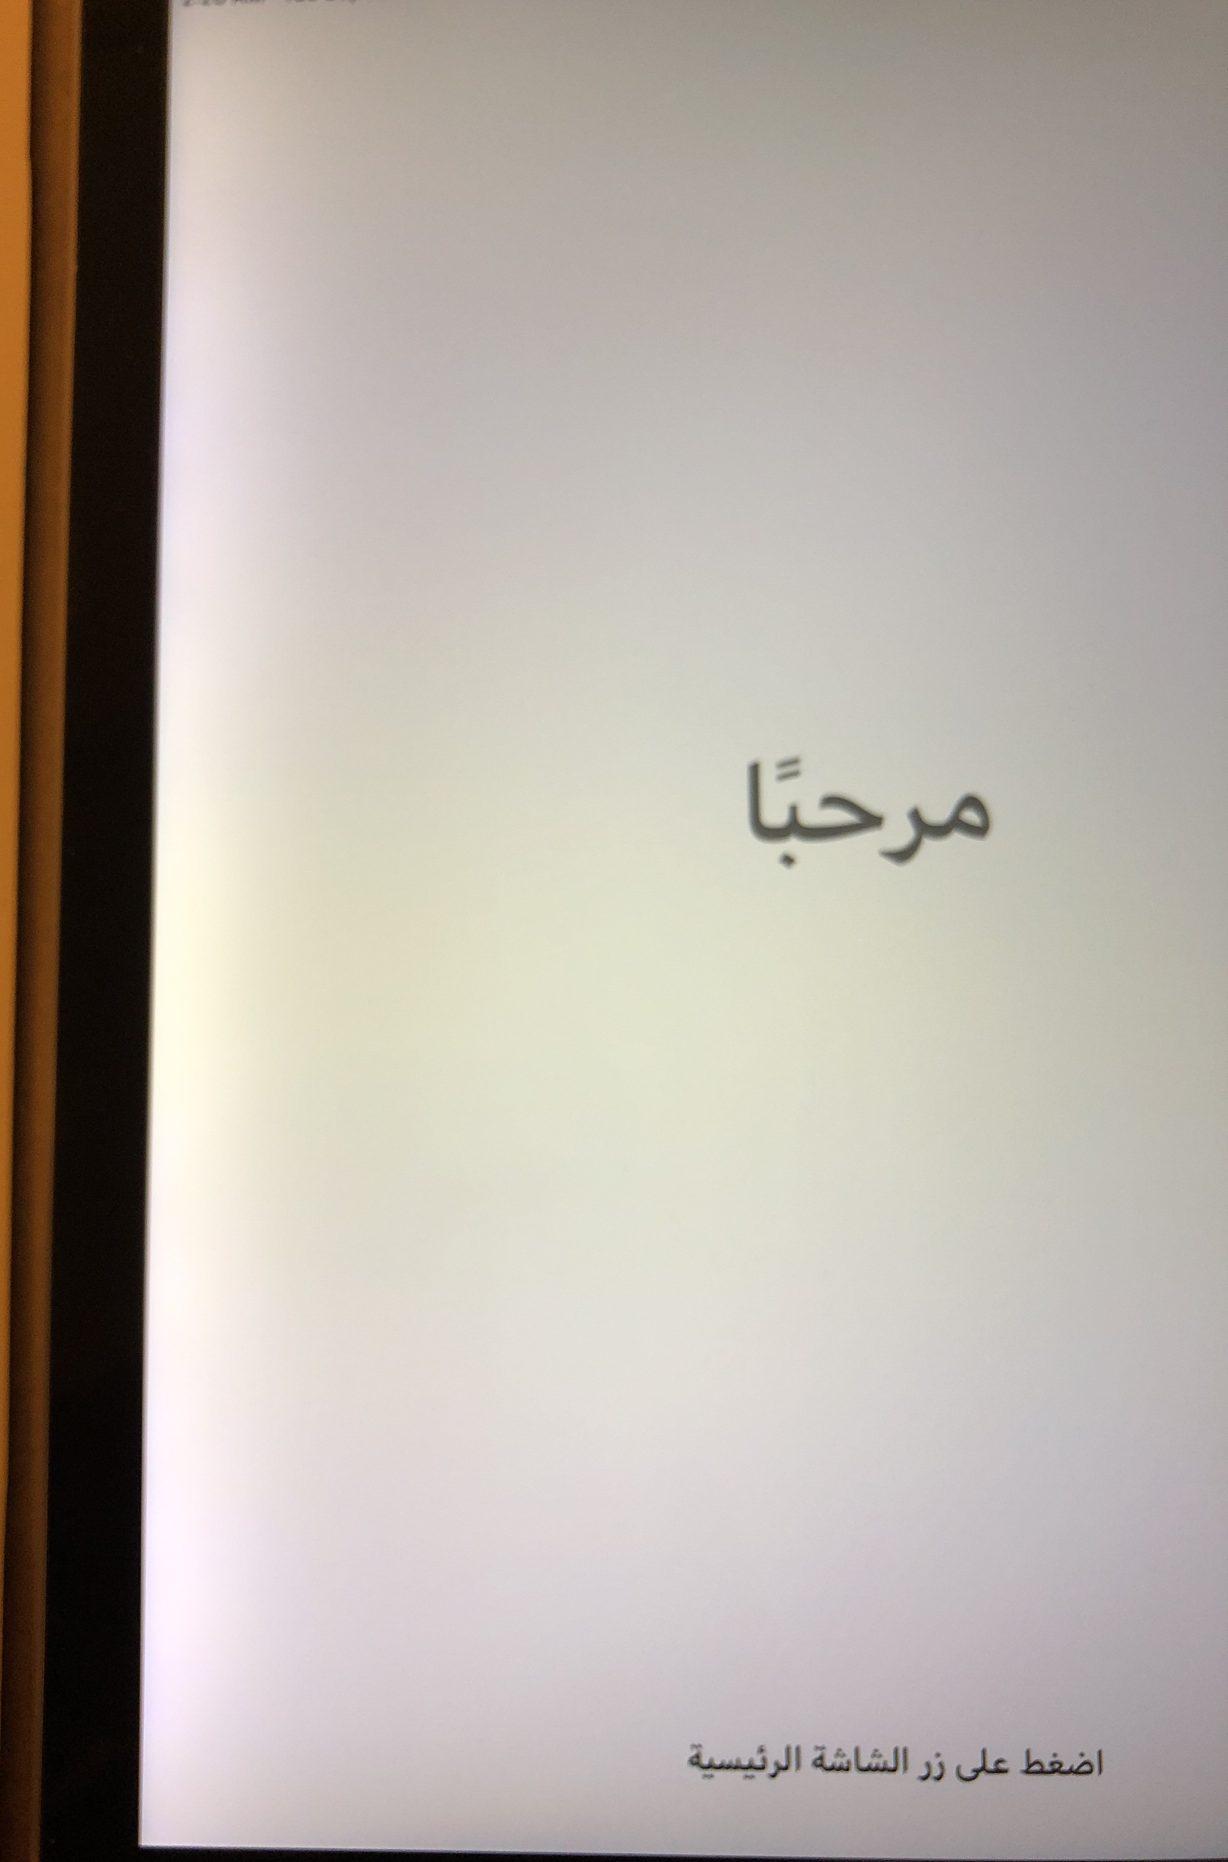 iPad Air 2 Wi-Fi 128GB, 128GB, Space Gray, obraz 3